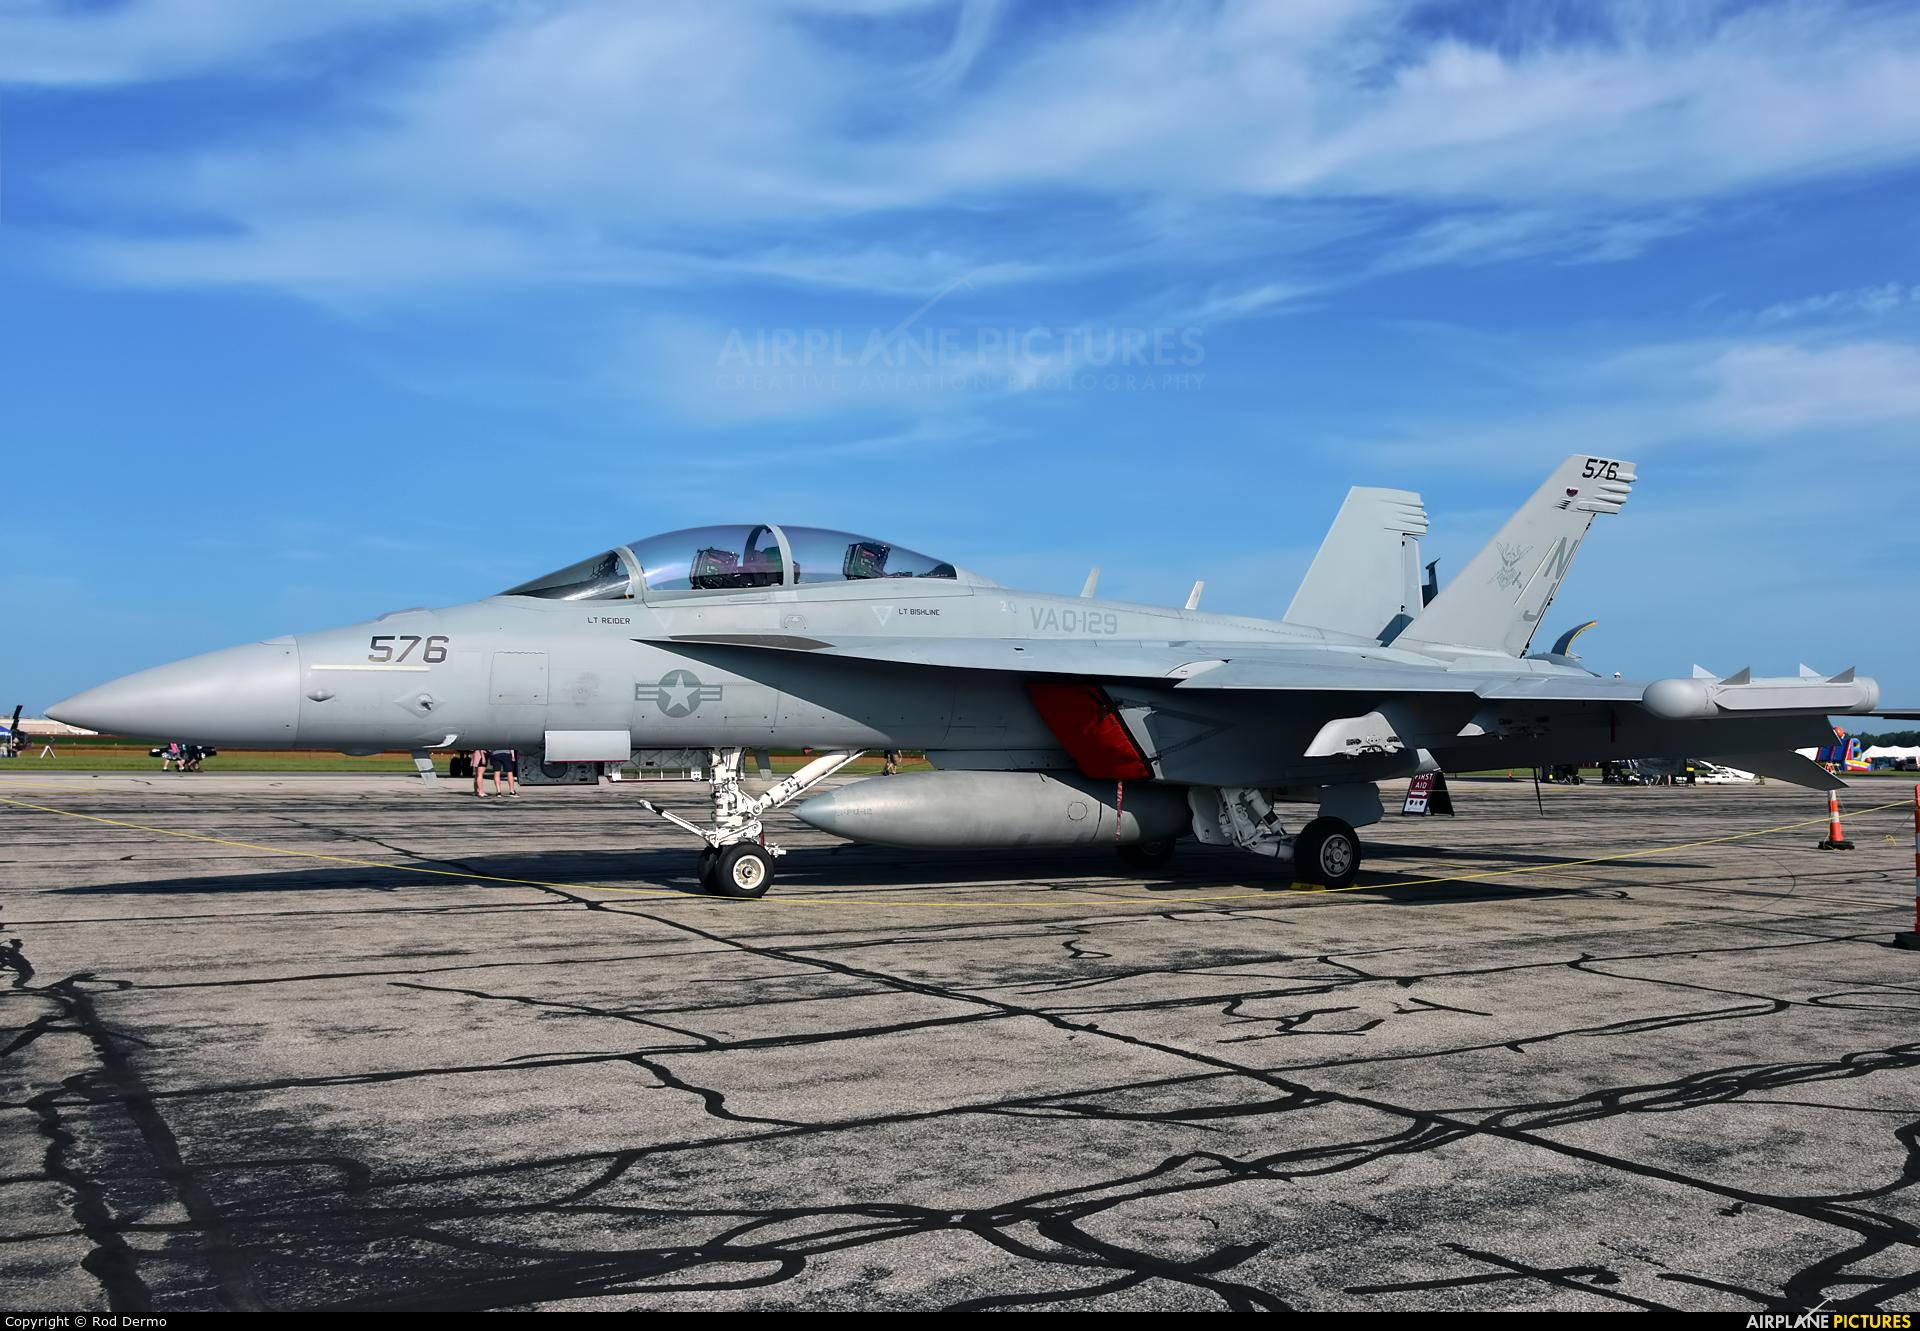 USA - Navy 169140 aircraft at Detroit - Willow Run